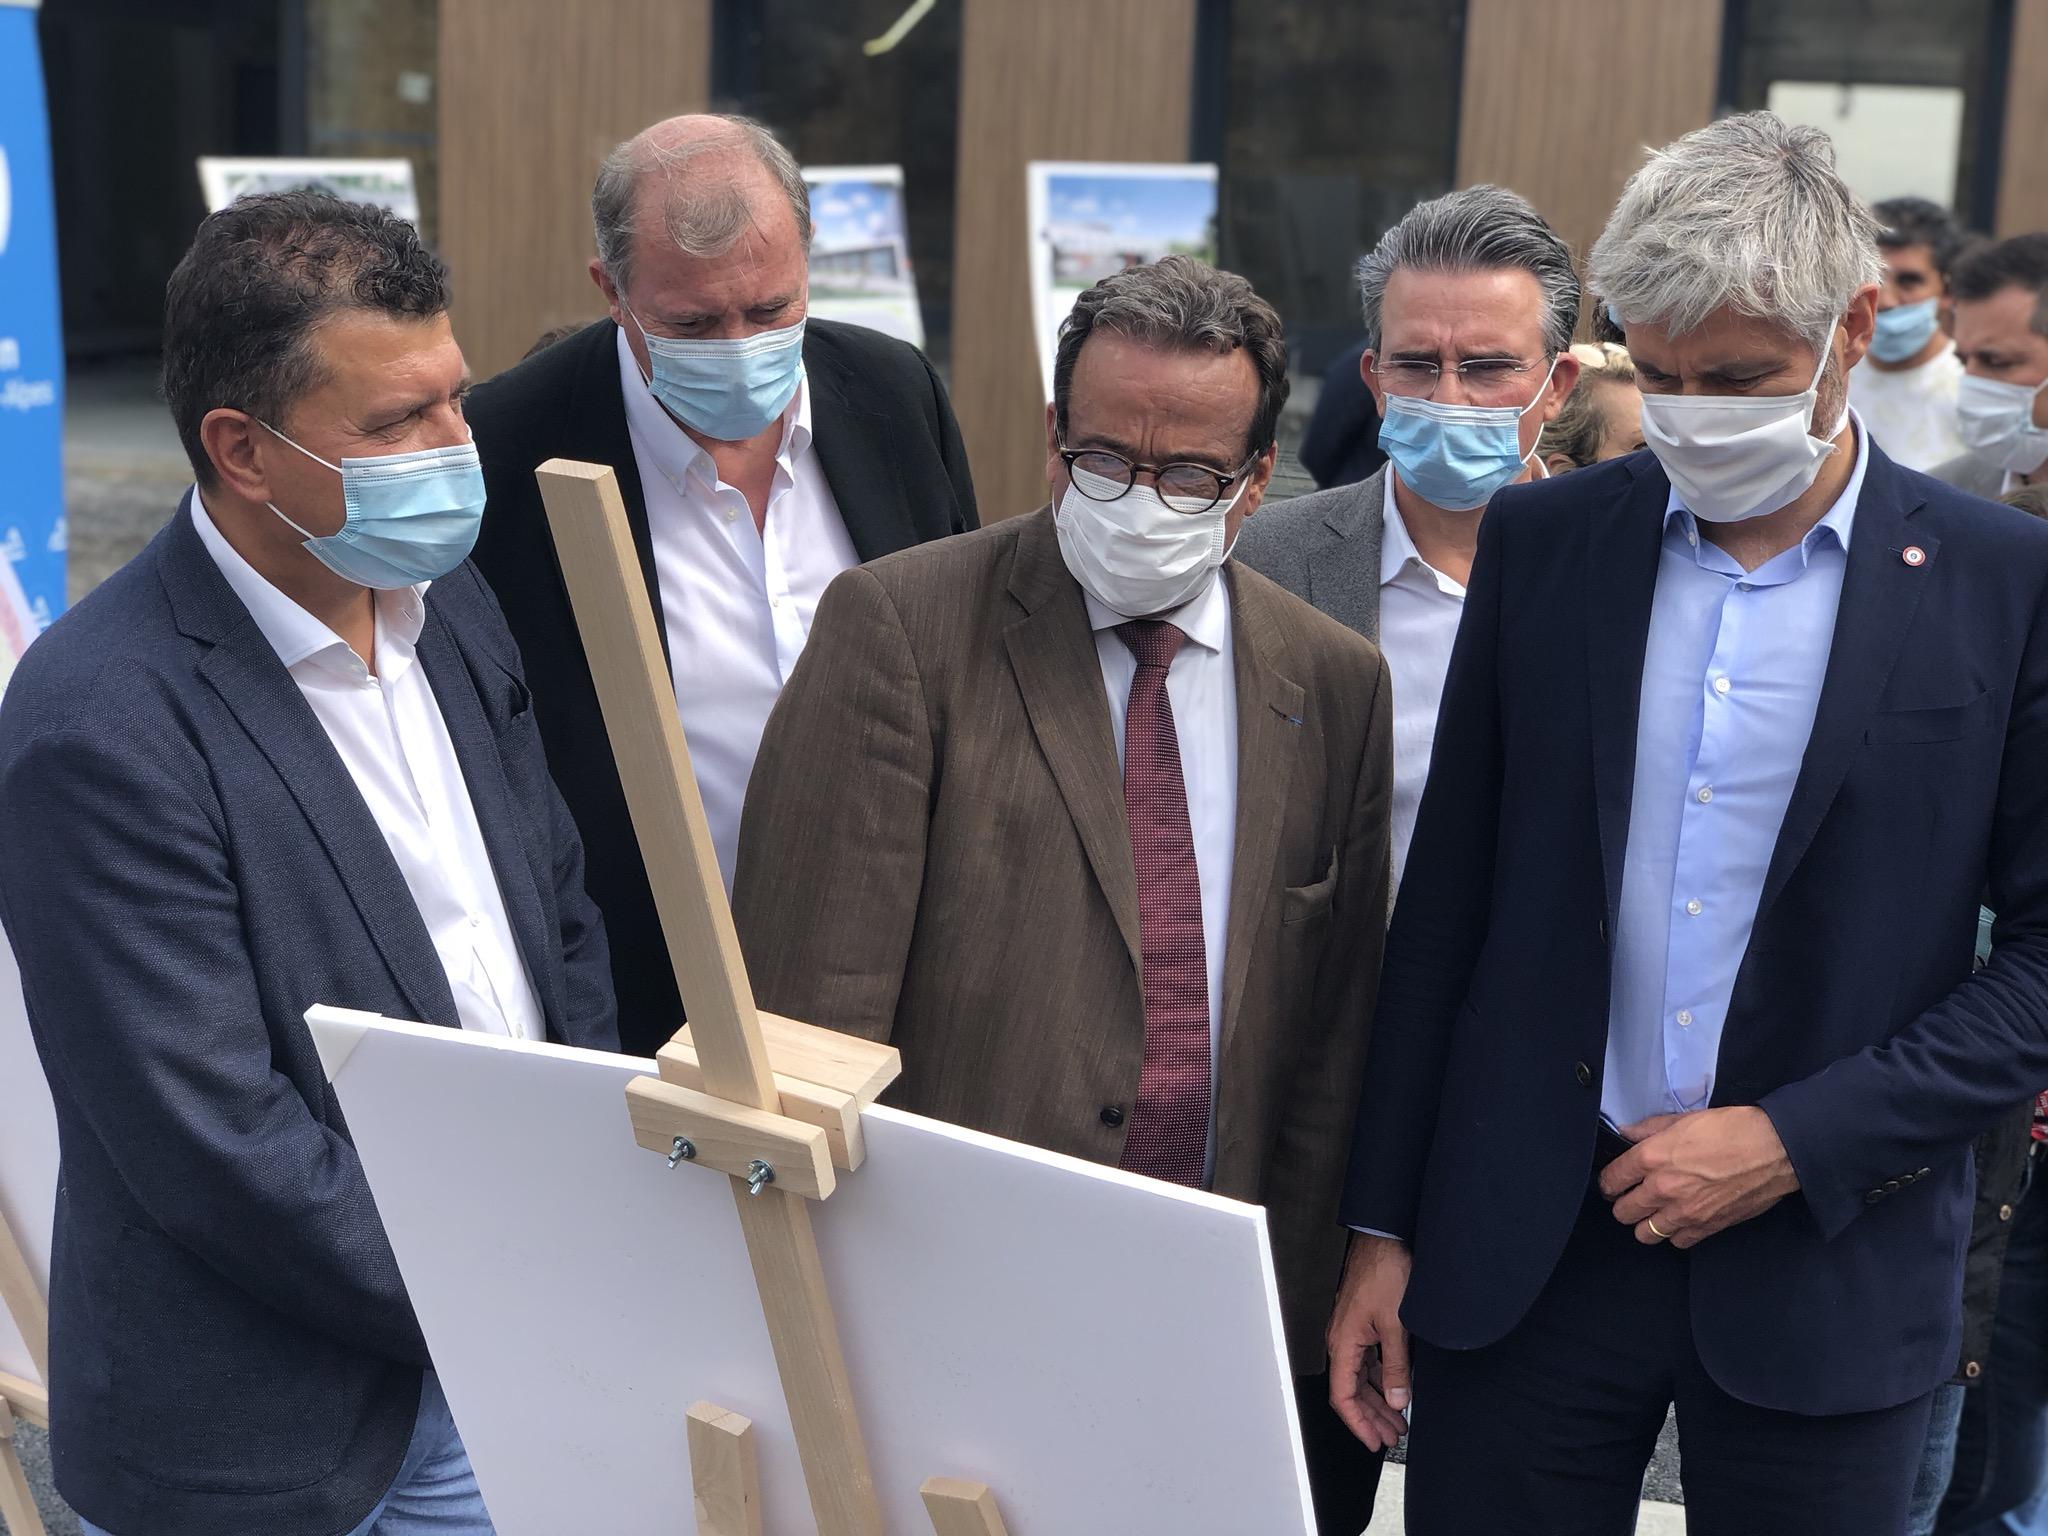 2 millions d'euros d'aide exceptionelle apportés par la région Auvergne-Rhône-Alpes à l'hôpital d'Aubenas